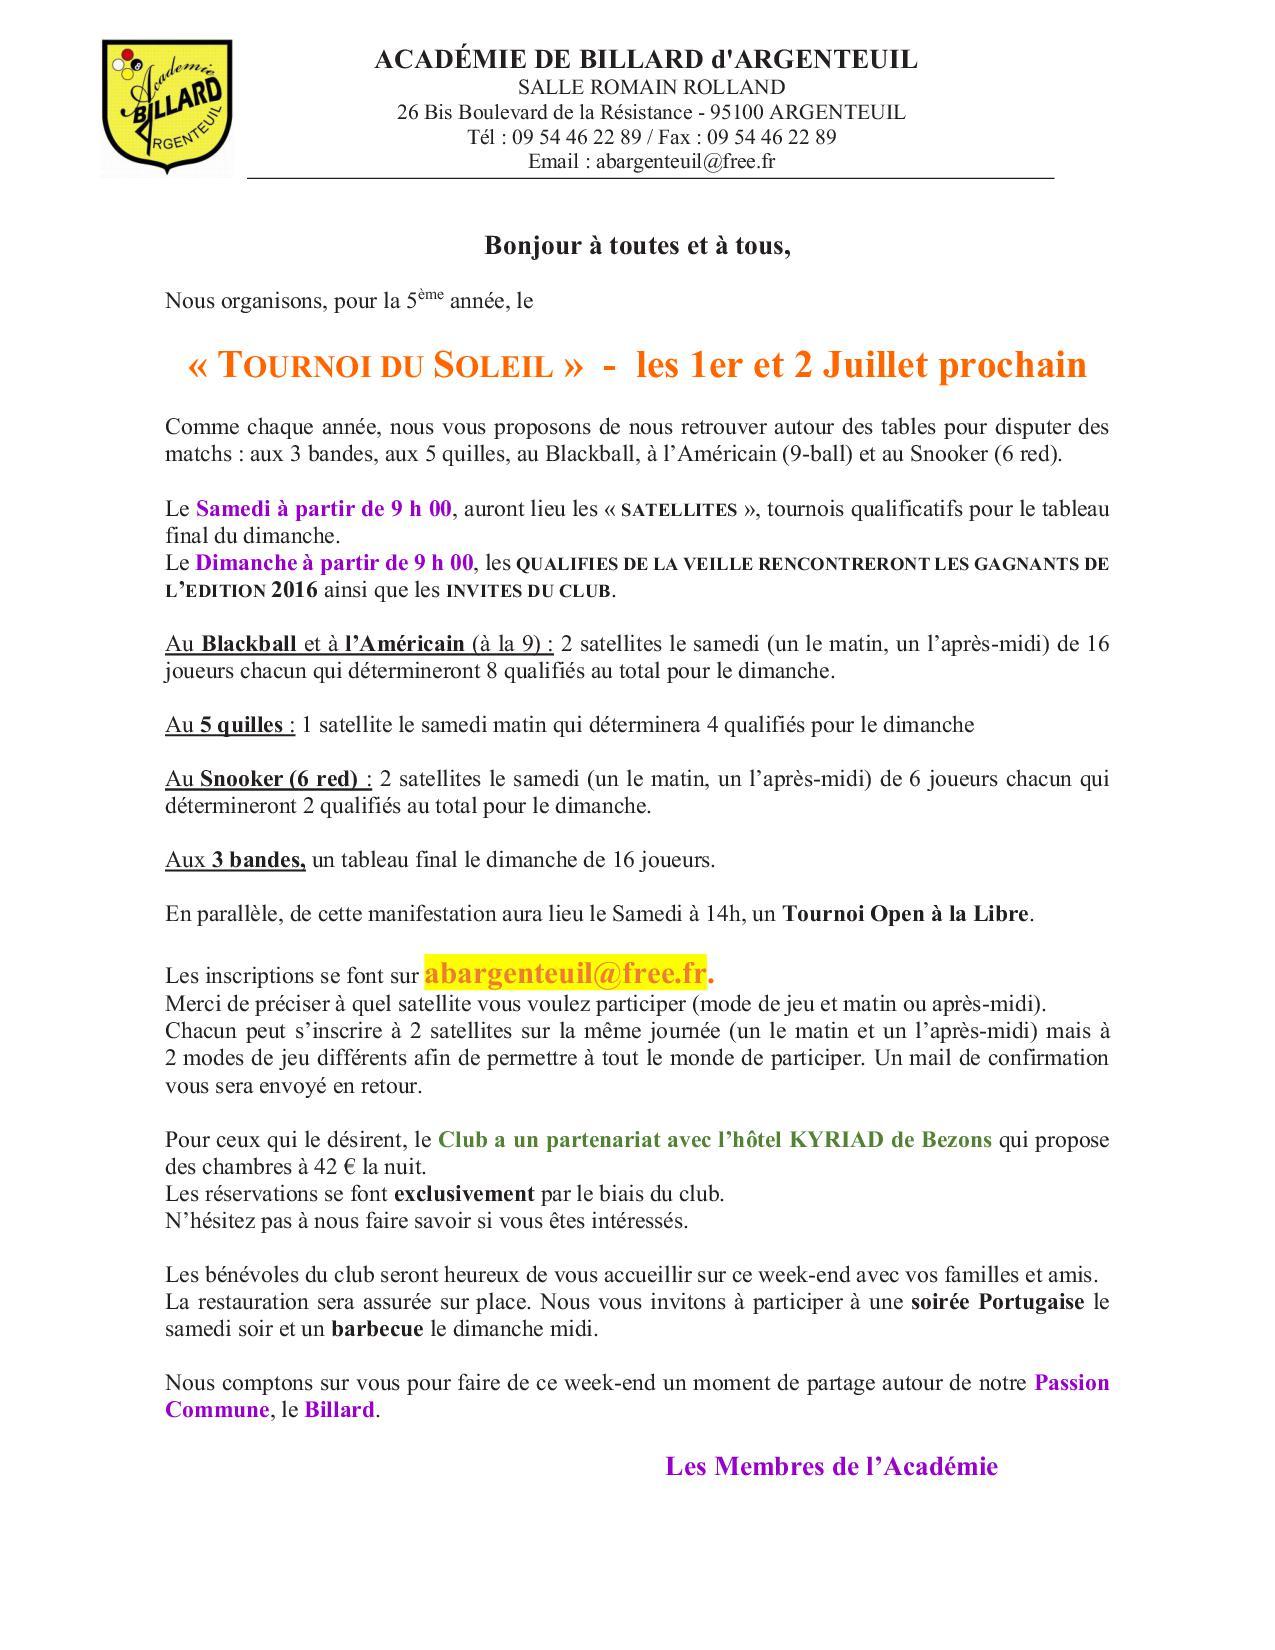 TOURNOI DU SOLEIL à Argenteuil les 1er et 2 Juillet  2017